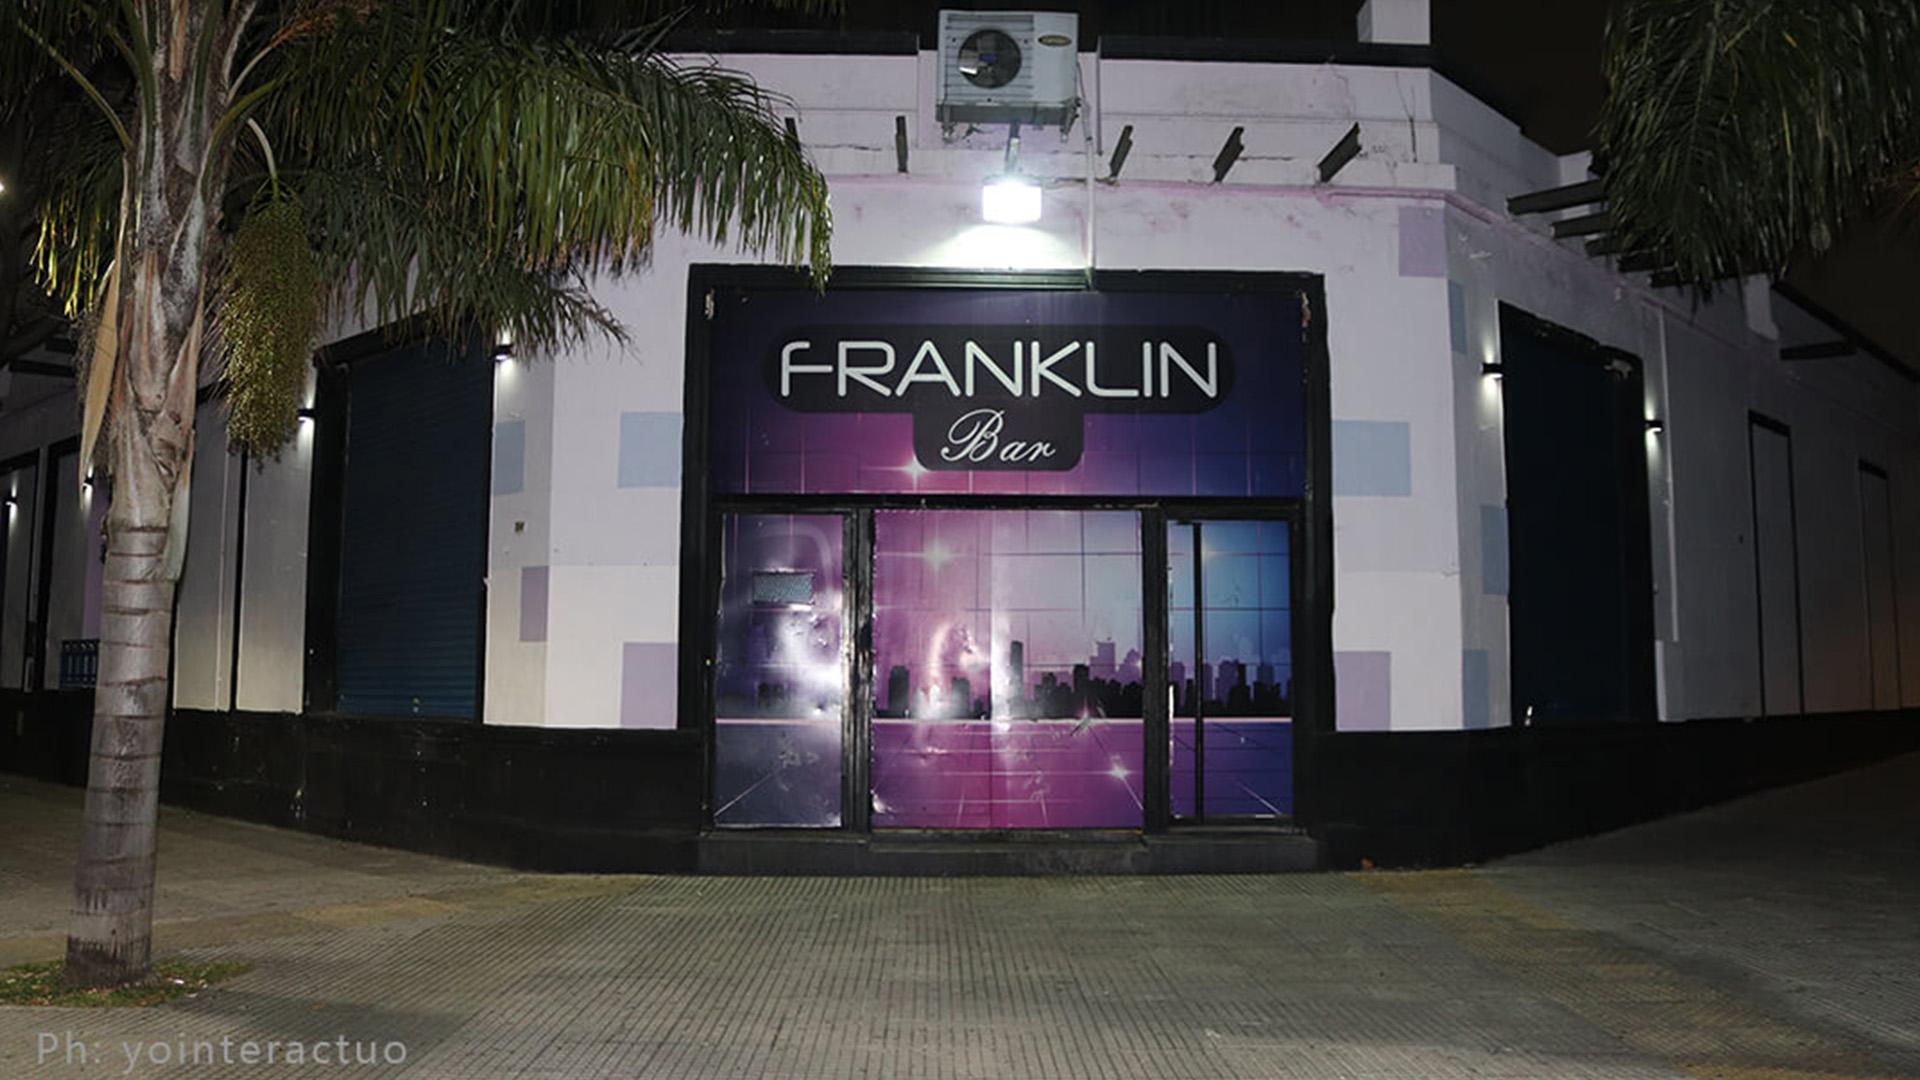 Bar Franklin